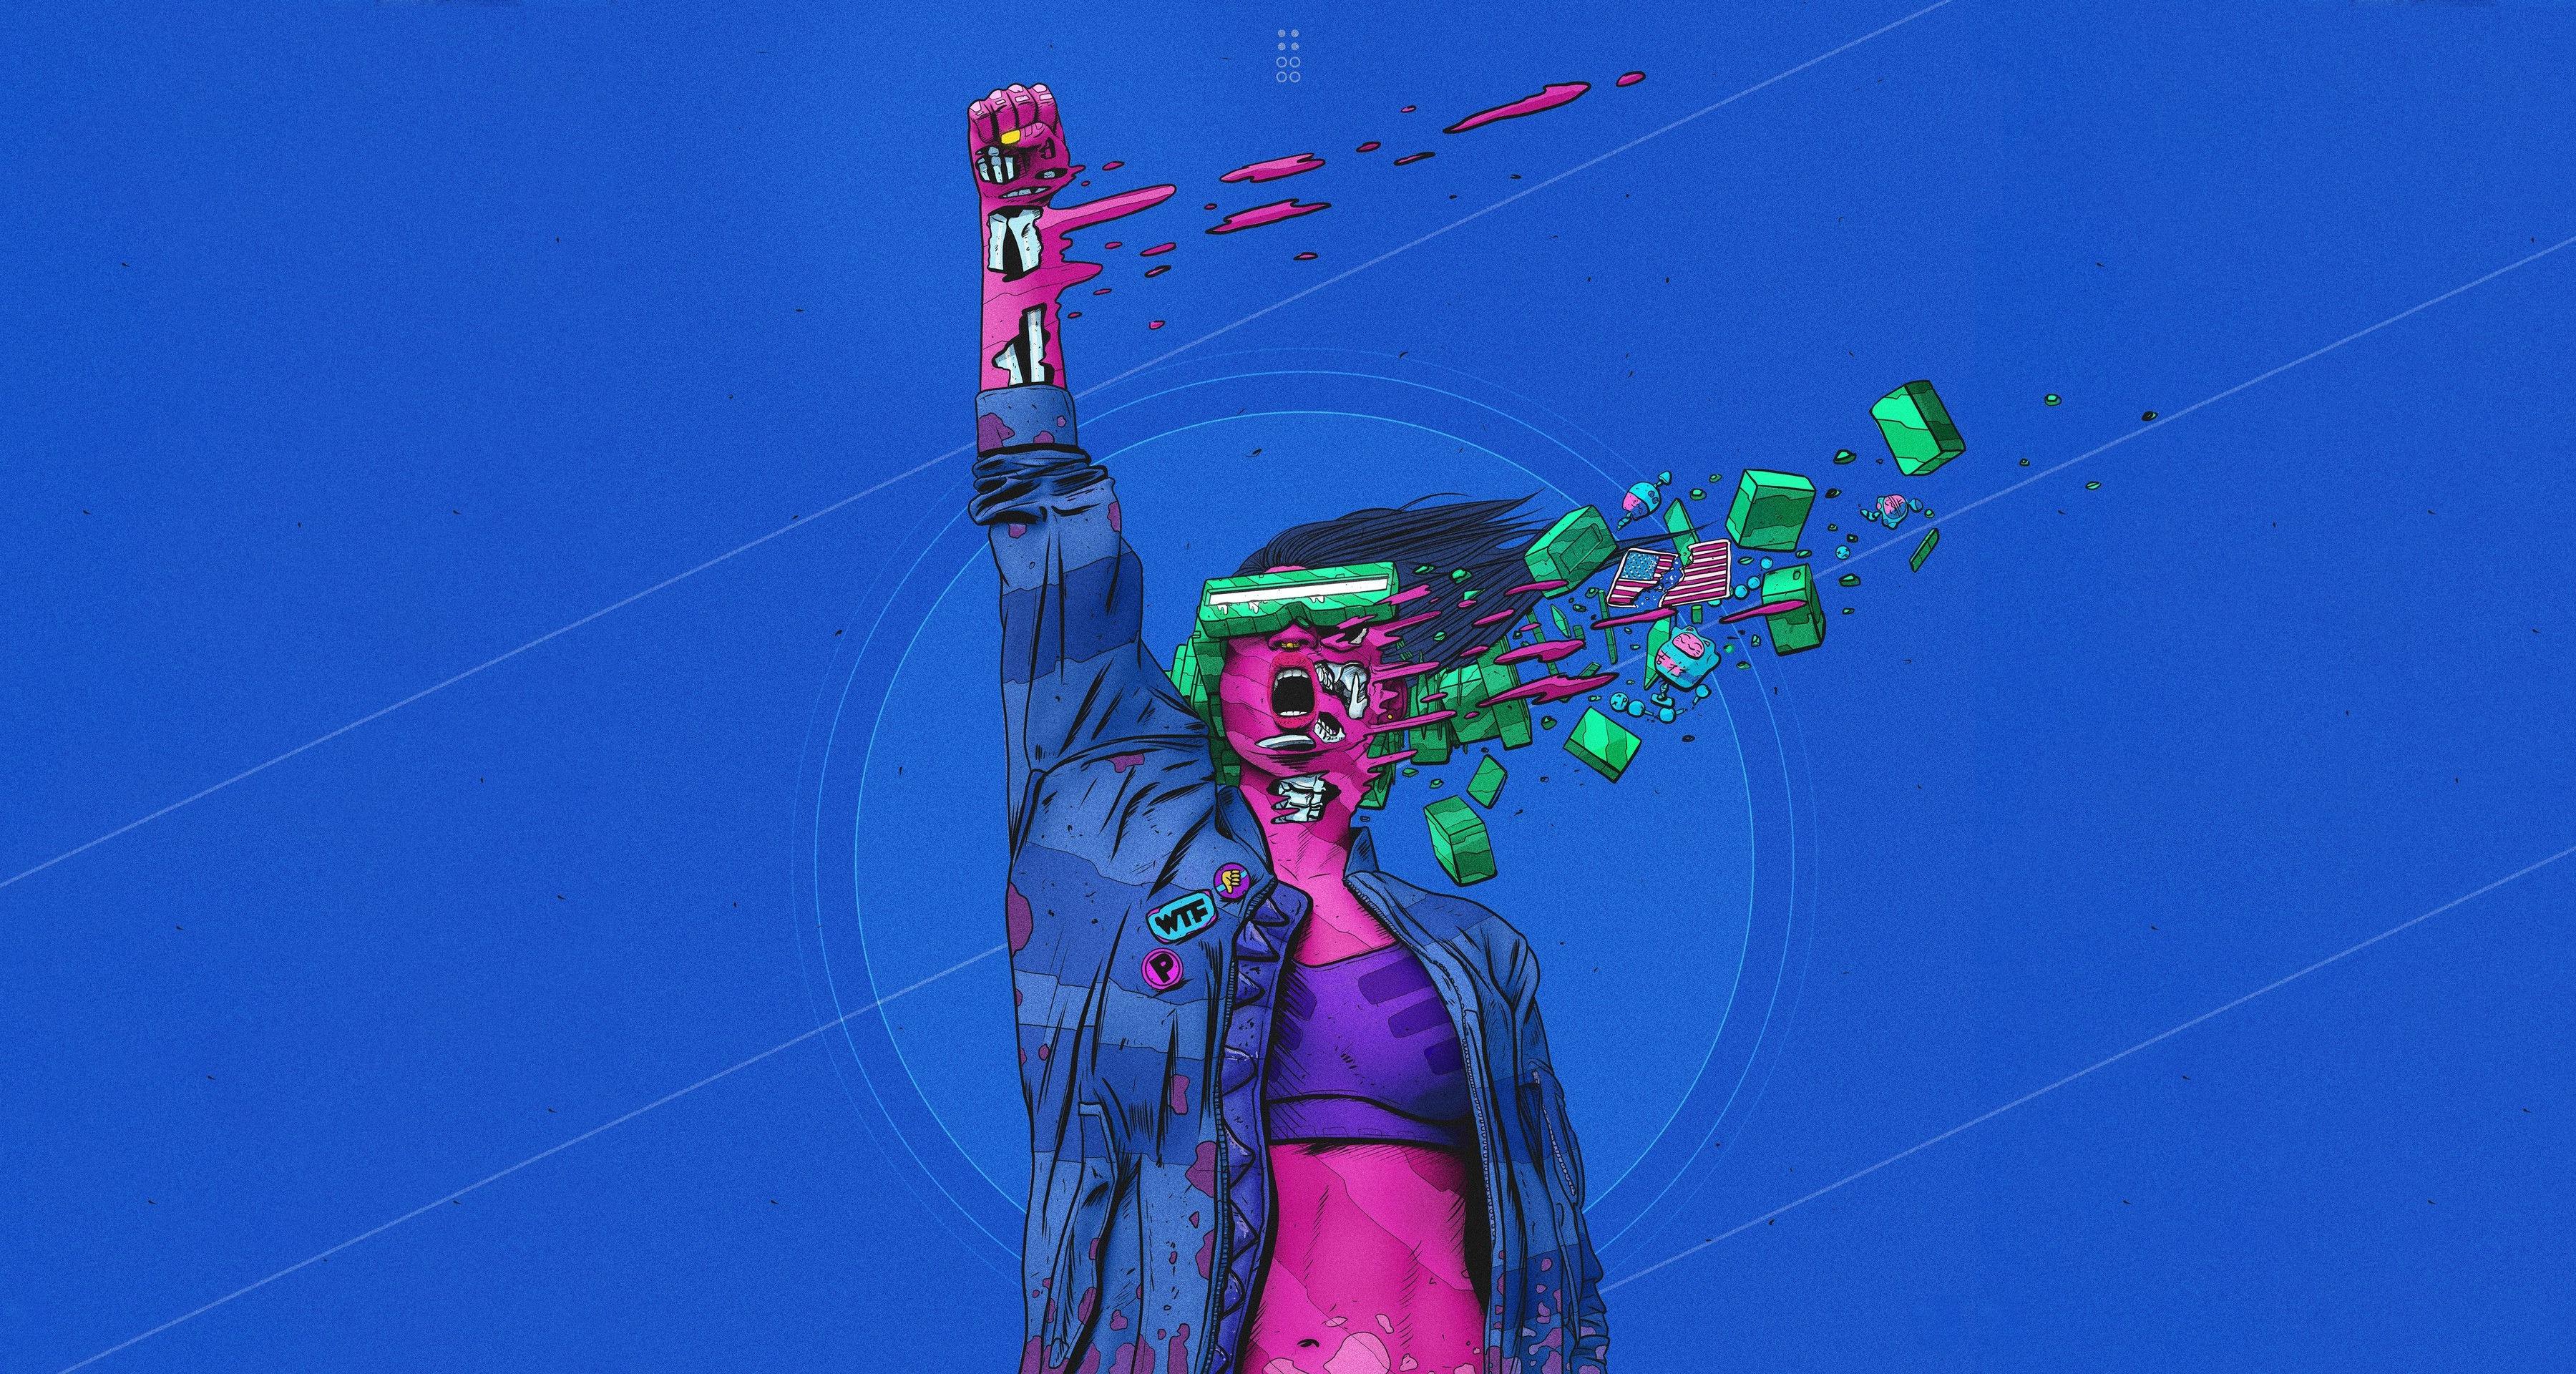 Surreal Cyberpunk Artwork Wallpaper, HD Artist 4K ...